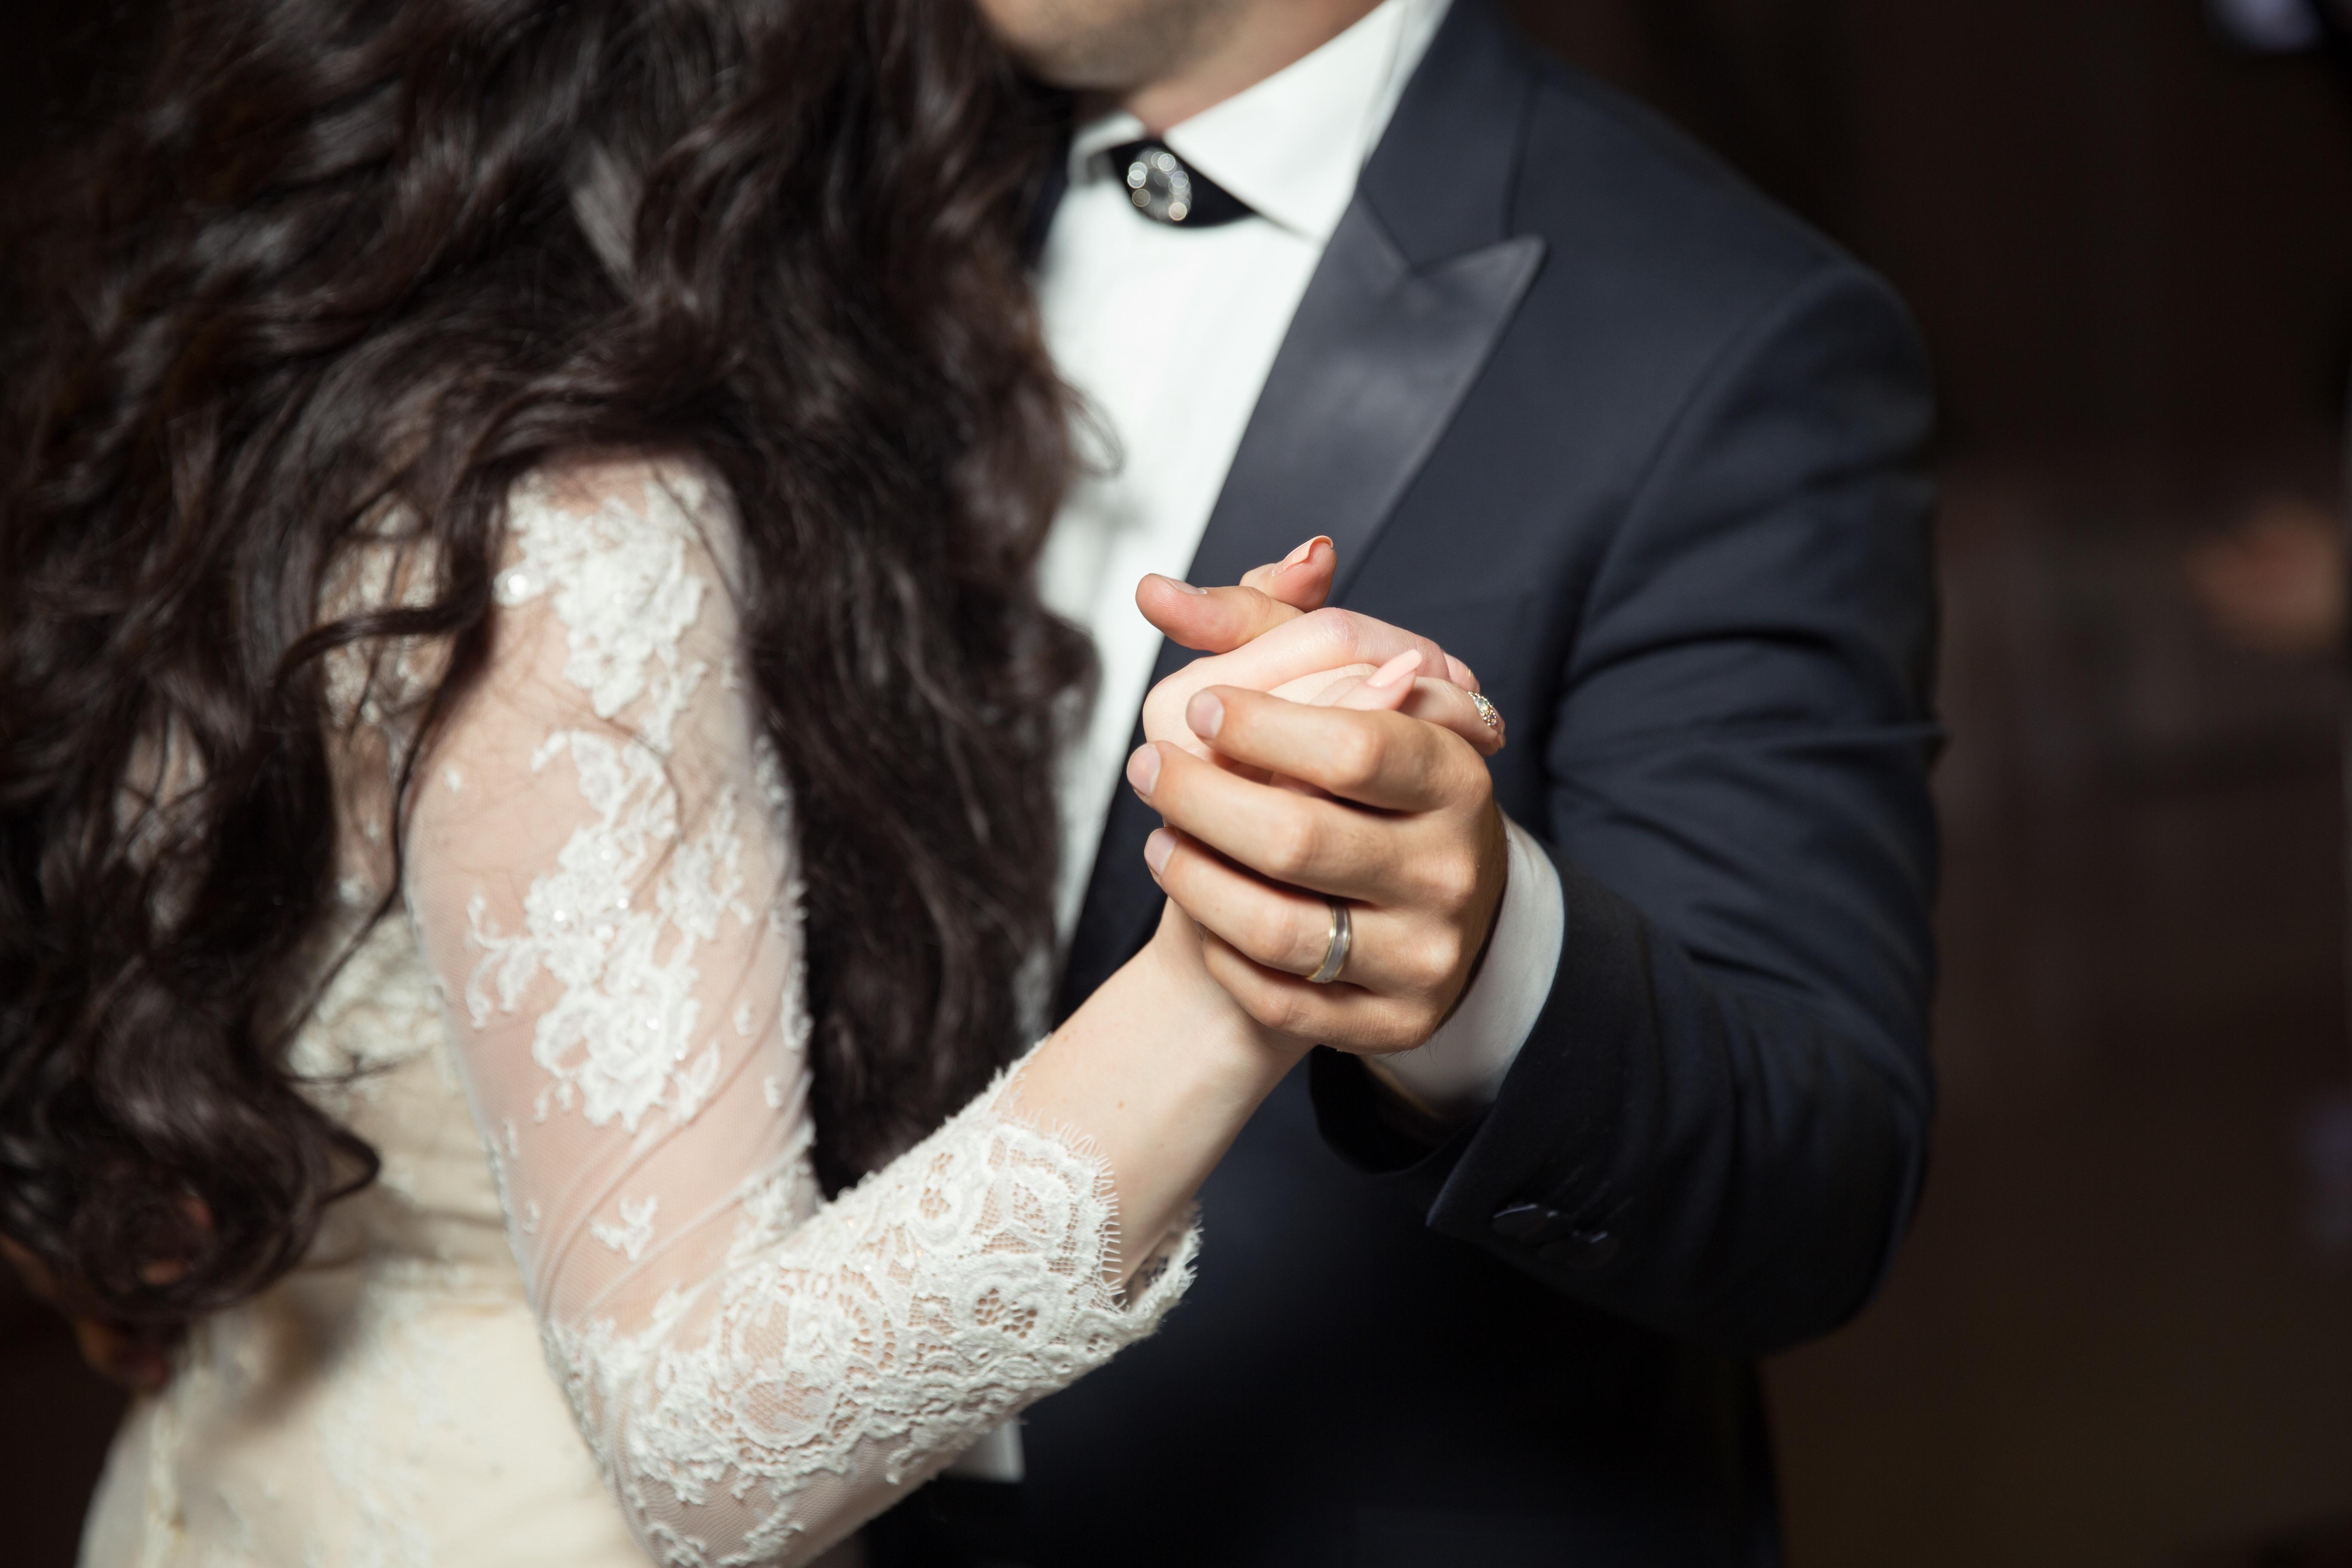 prvi ples, poročni ples, ples na poroki, galsba na poroki, glasba za prvi ples, zaobljuba.si, zaobljuba